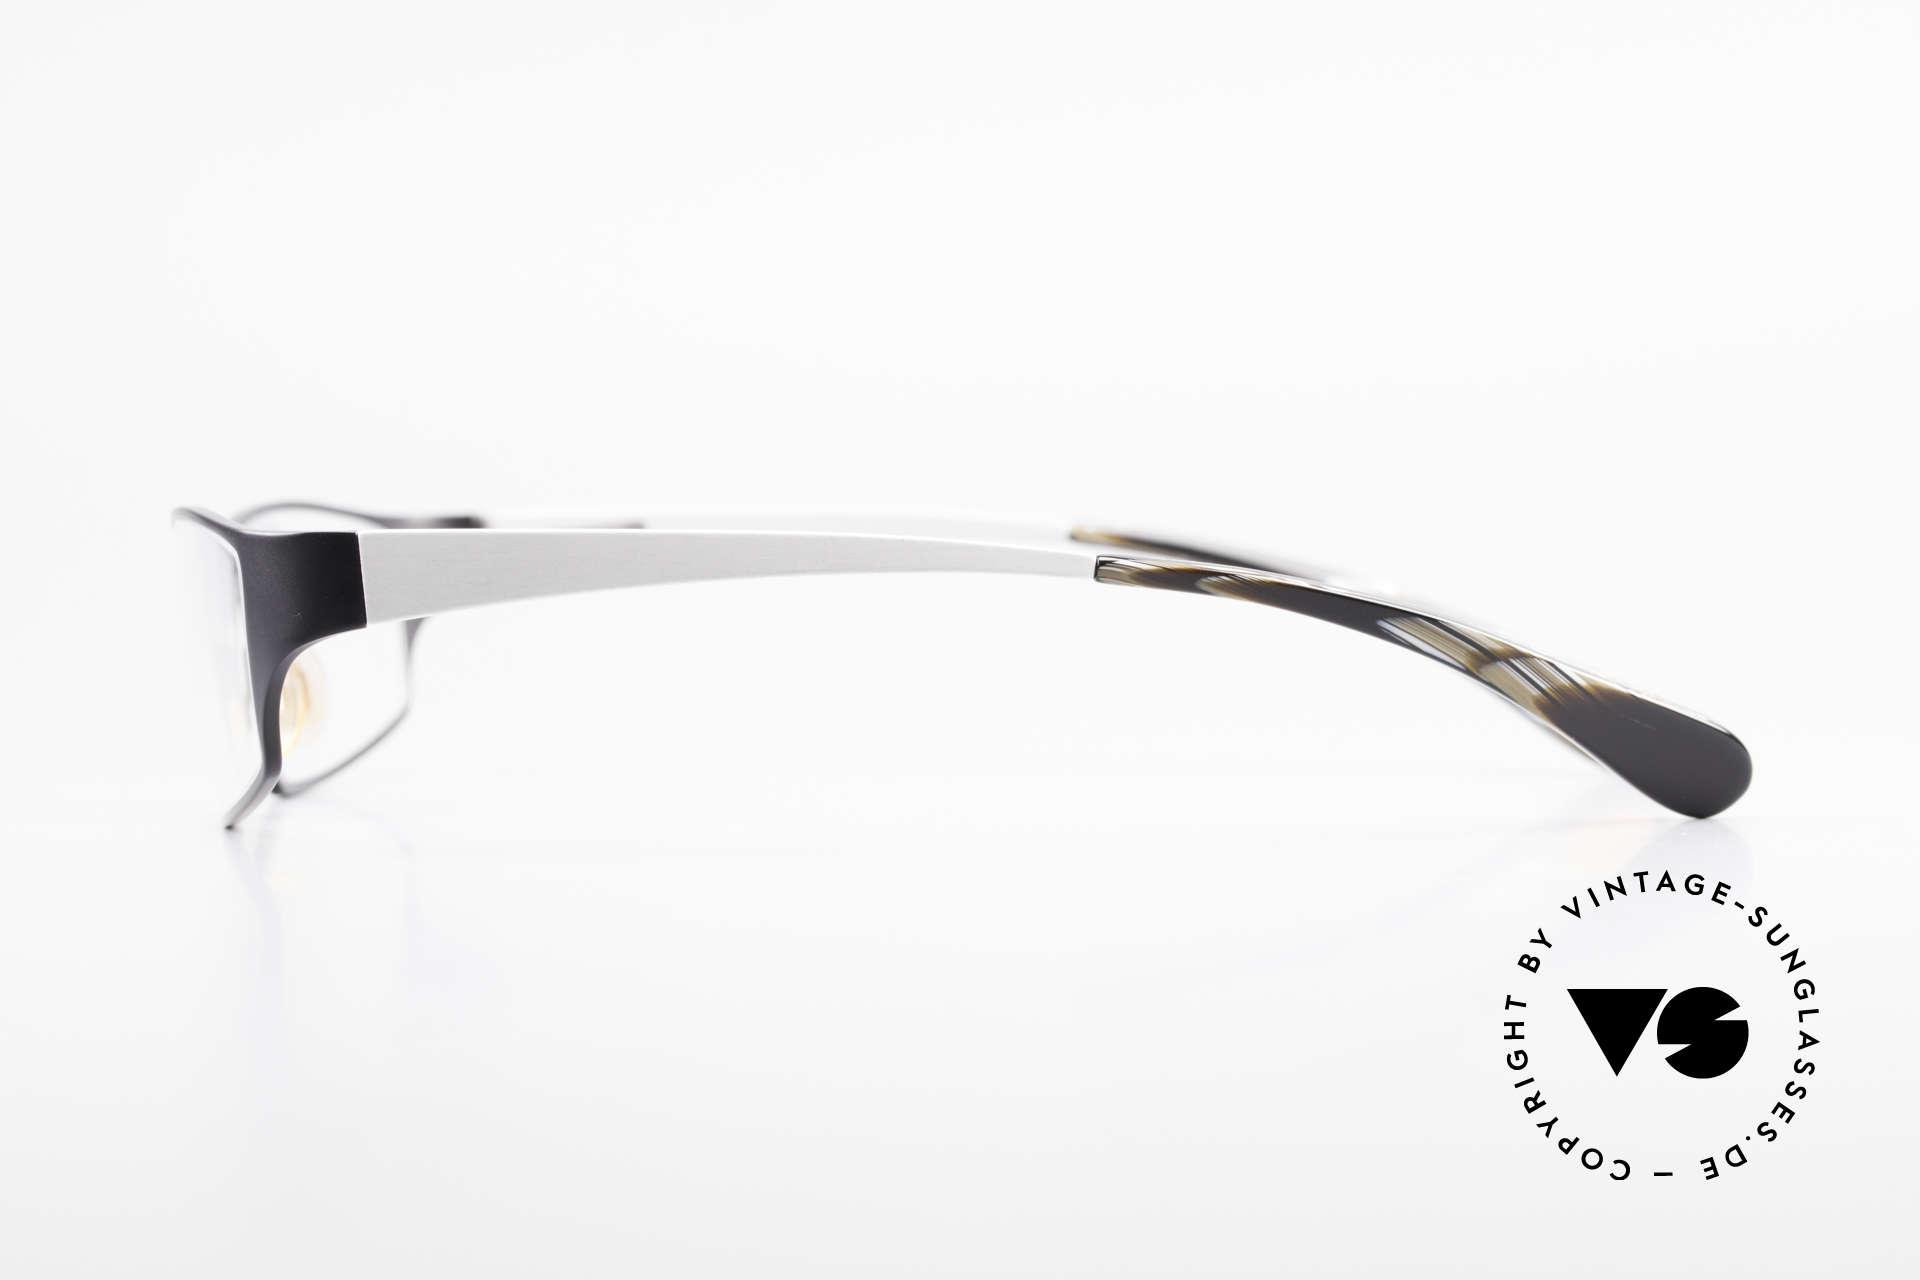 Bugatti 207 Odotype Luxus Herren Designerbrille, Größe: medium, Passend für Herren